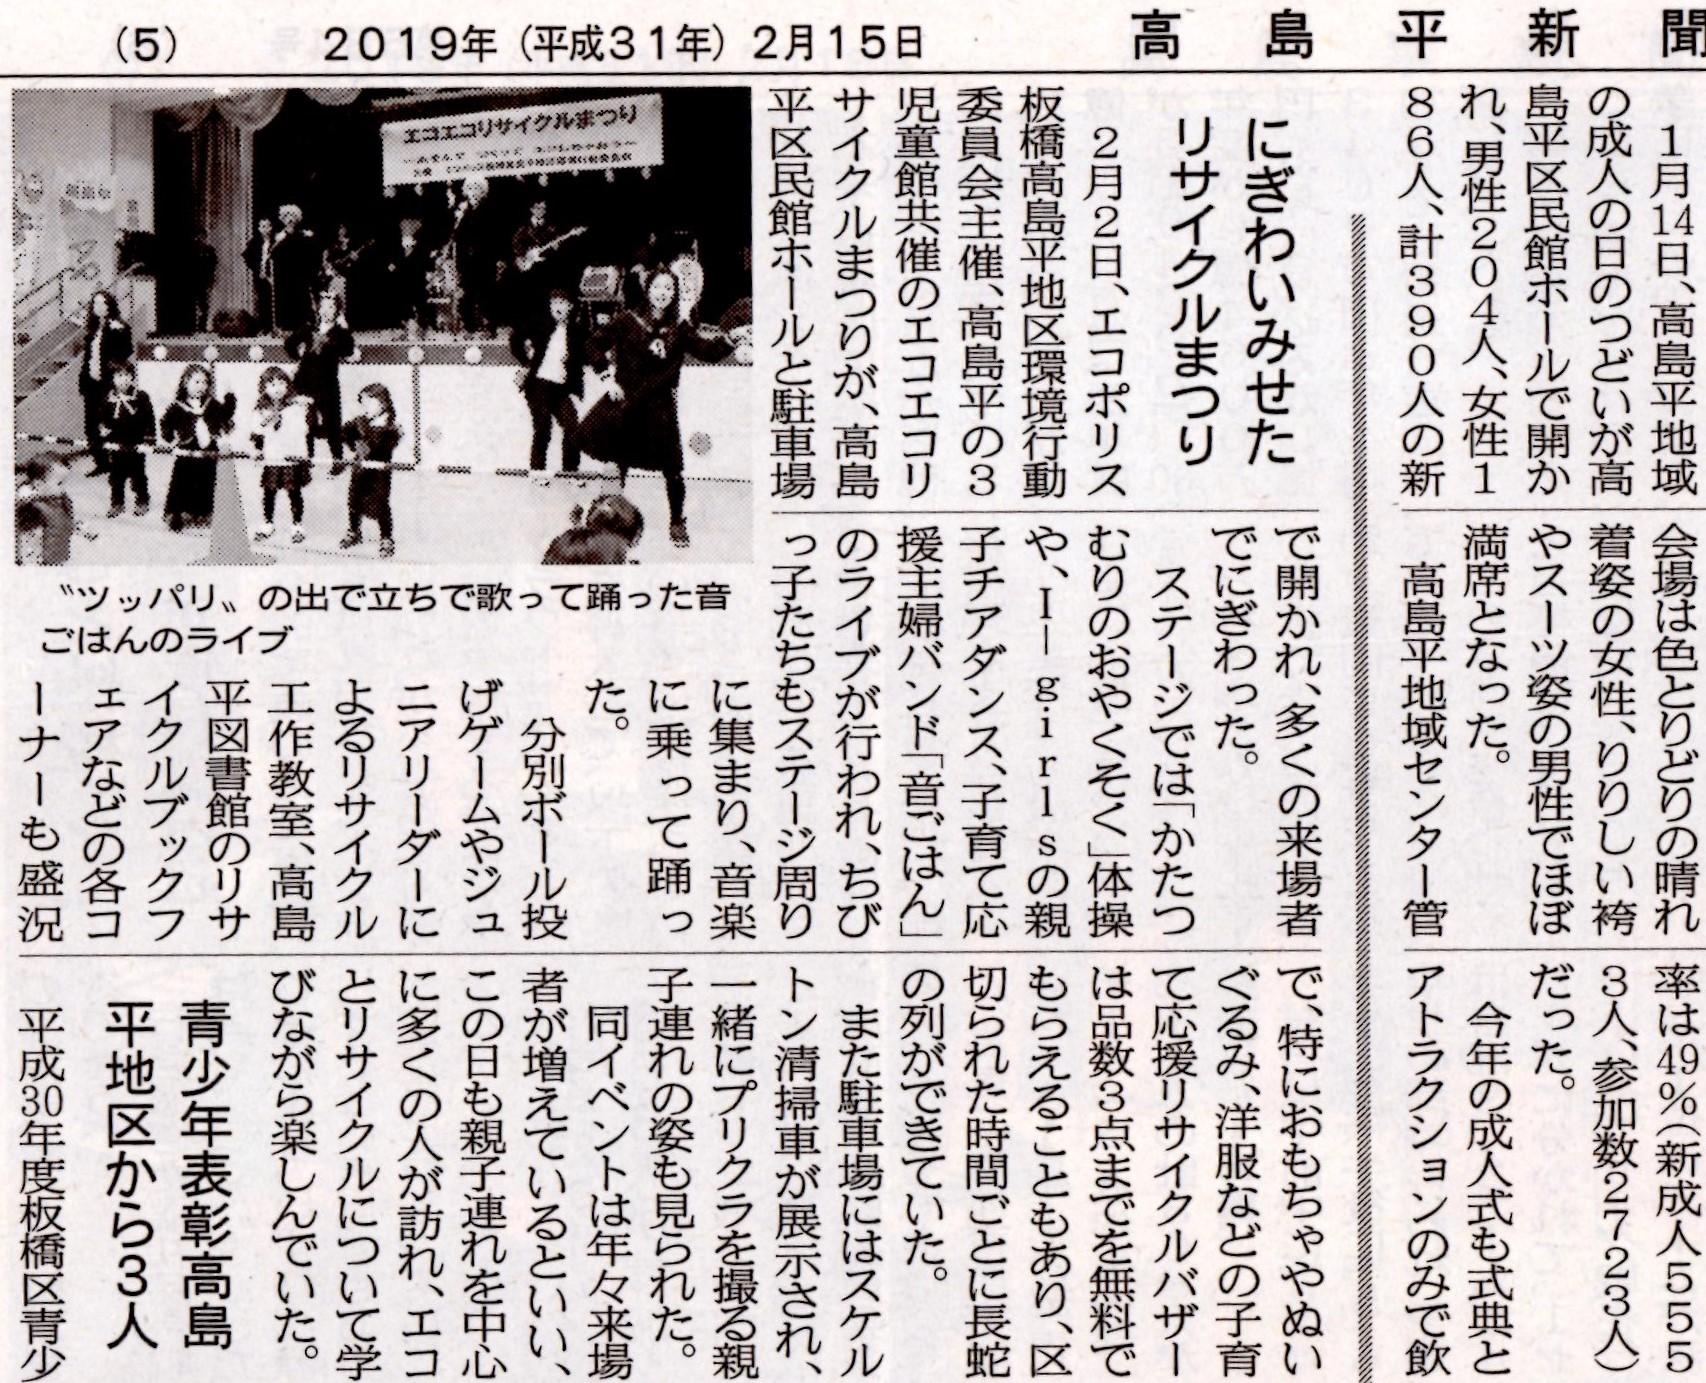 高島平新聞2月号で、エコエコリサイクル祭りの様子が紹介されました!